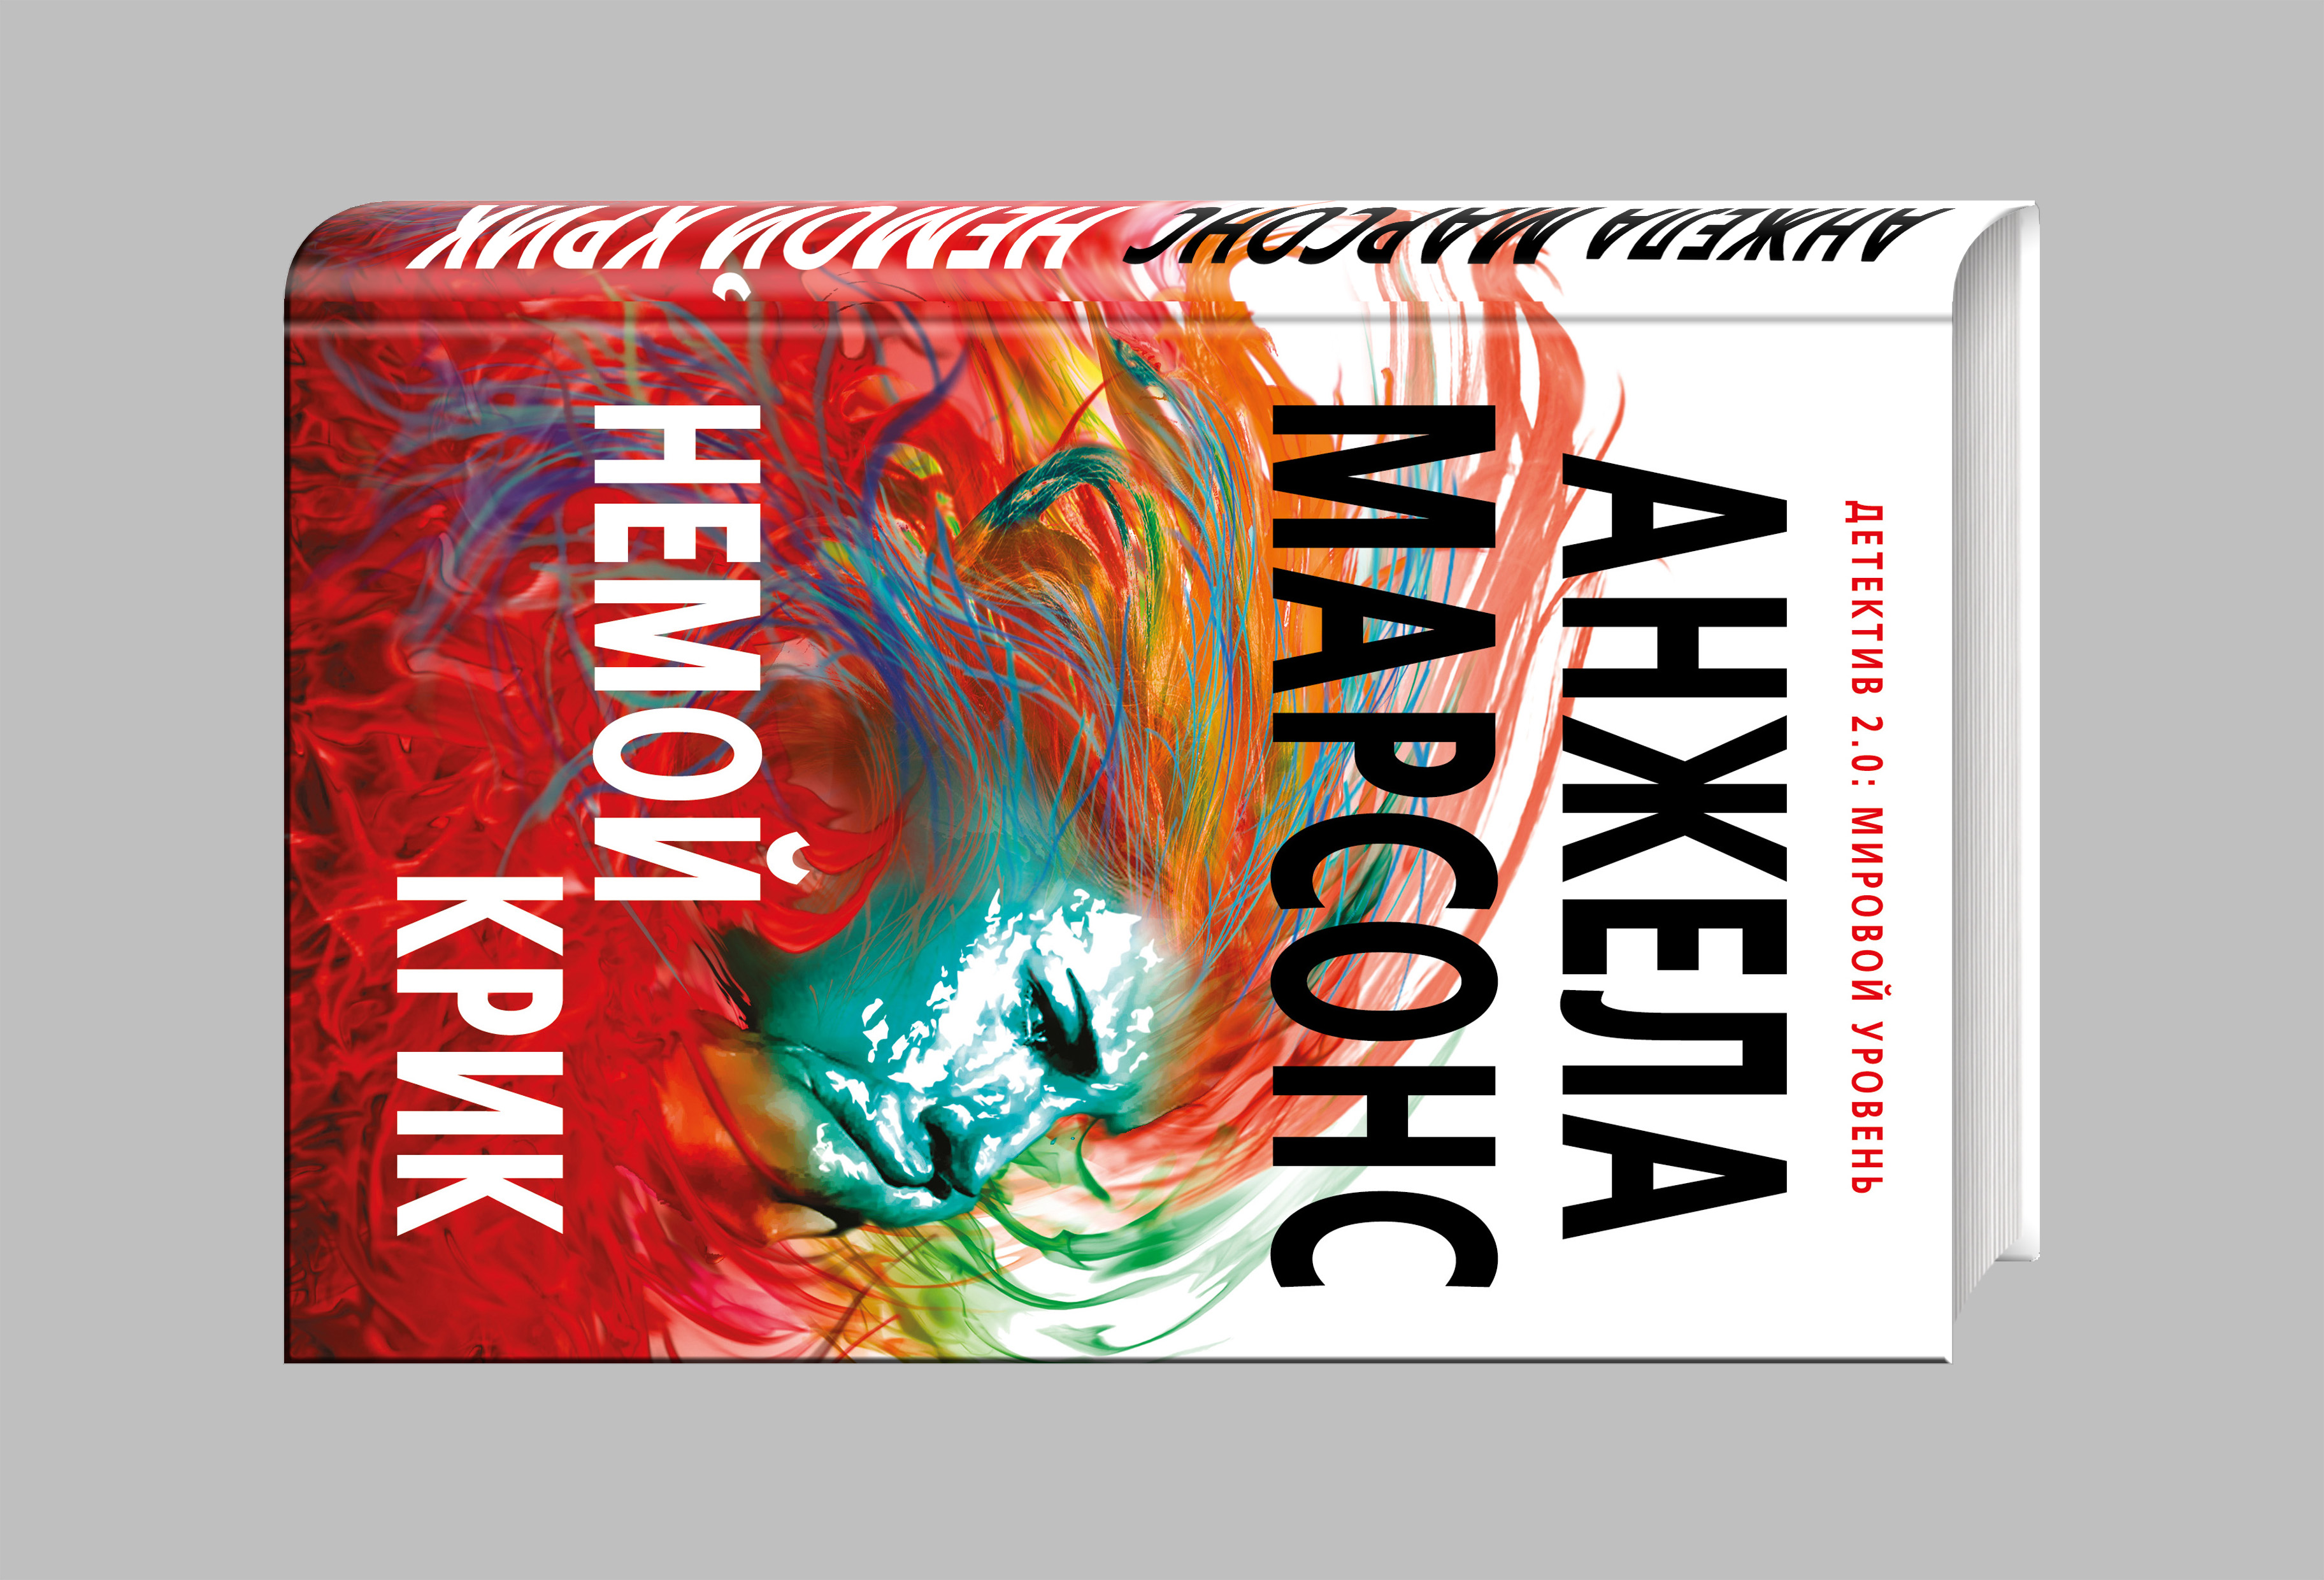 Впервые в России выходит знаменитый «Немой крик» Анжелы Марсонс